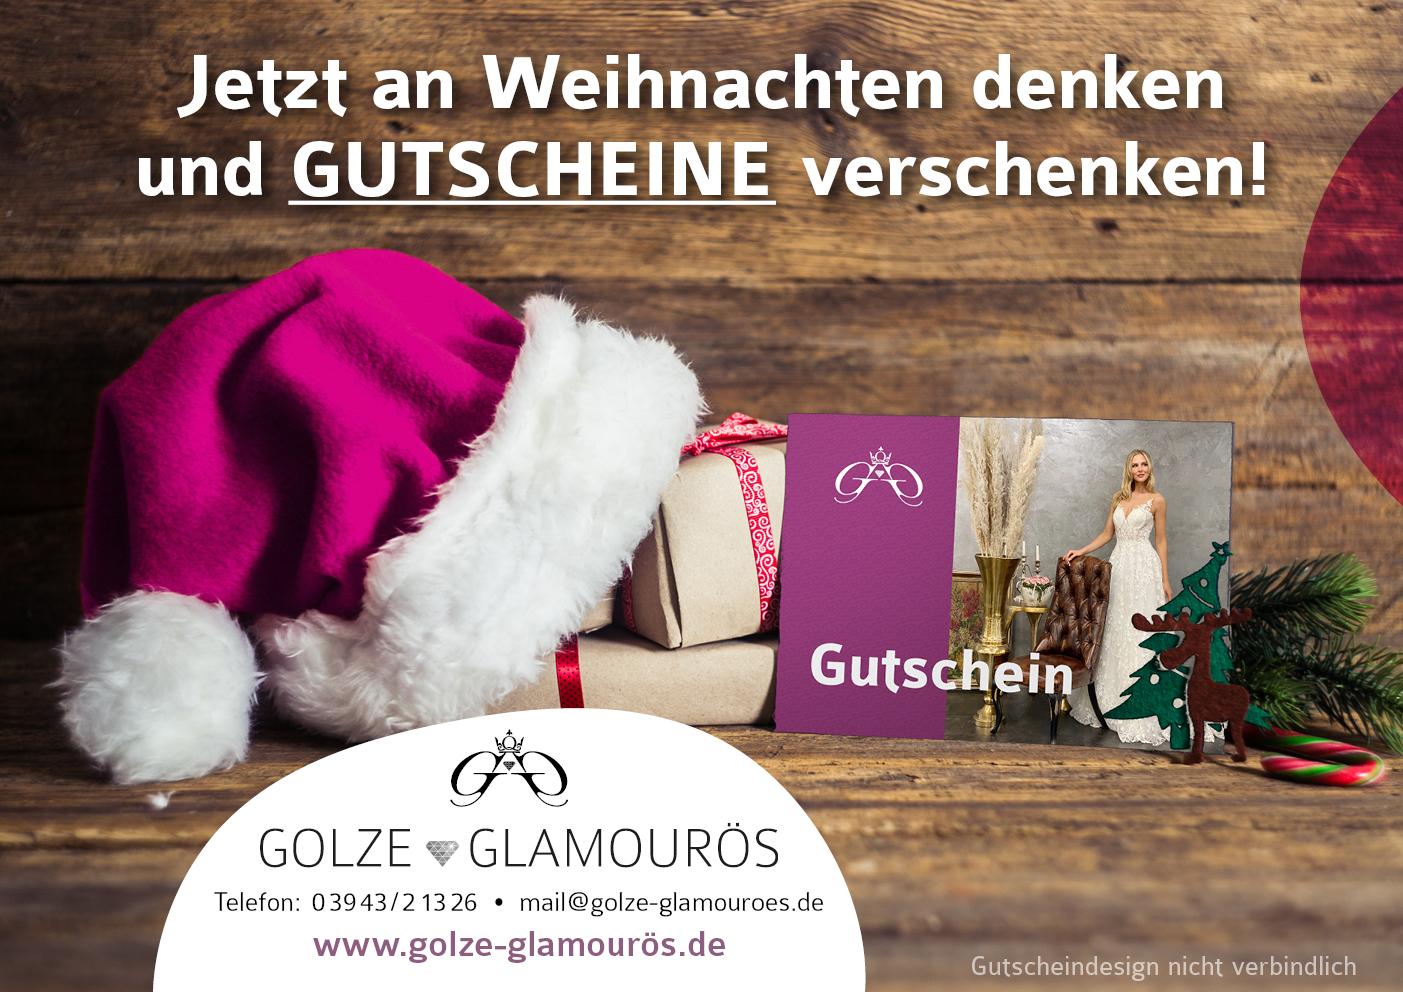 Golze Glamouroes Gutscheine zu Weihnachten DIN A4 Verschenken Sie Glamour & Style!